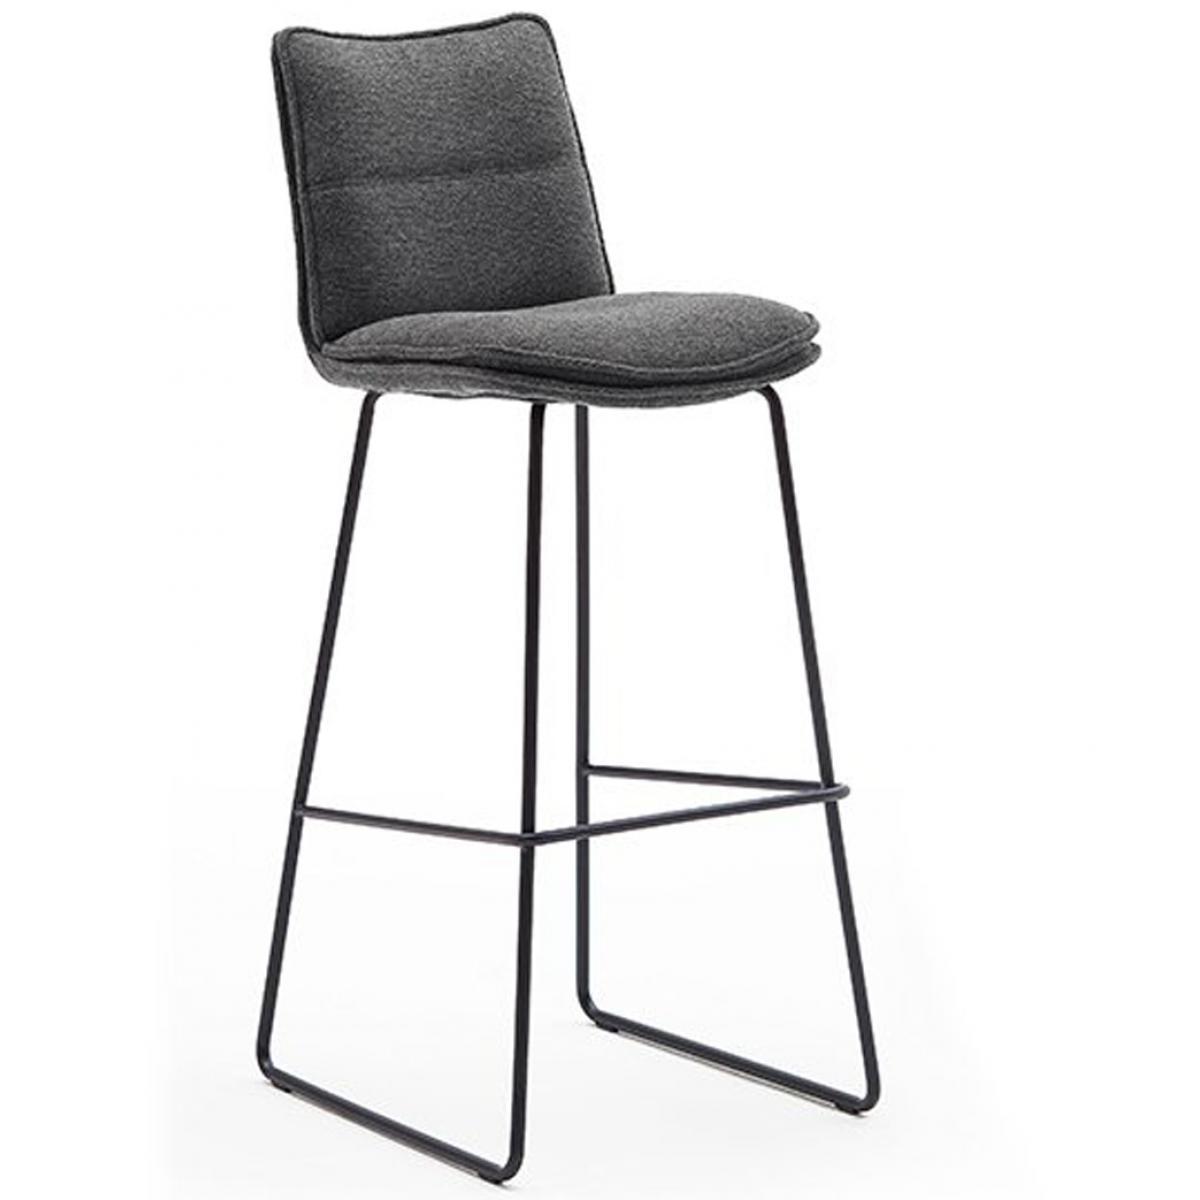 Pegane Chaise de bar en métal laqué noir mat et tissu coloris anthracite - L.45 x H.110 x P.54 cm -PEGANE-